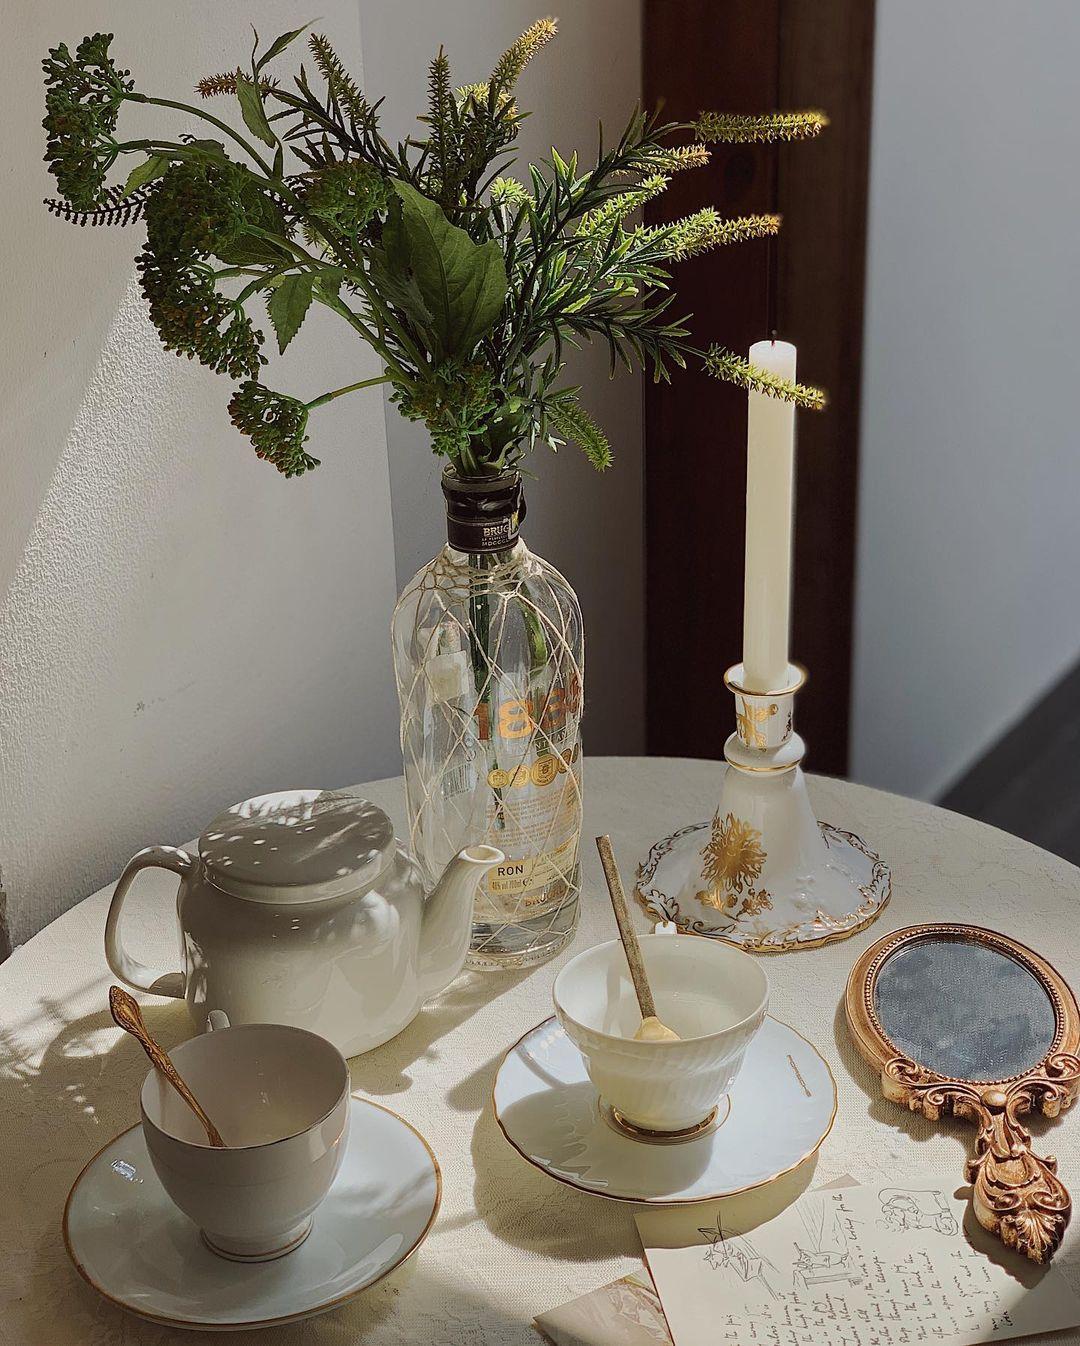 Mở tiệc trà ngay tại nhà với những bộ ấm tách đẹp long lanh chanh sả giá chỉ từ 250k - Ảnh 2.